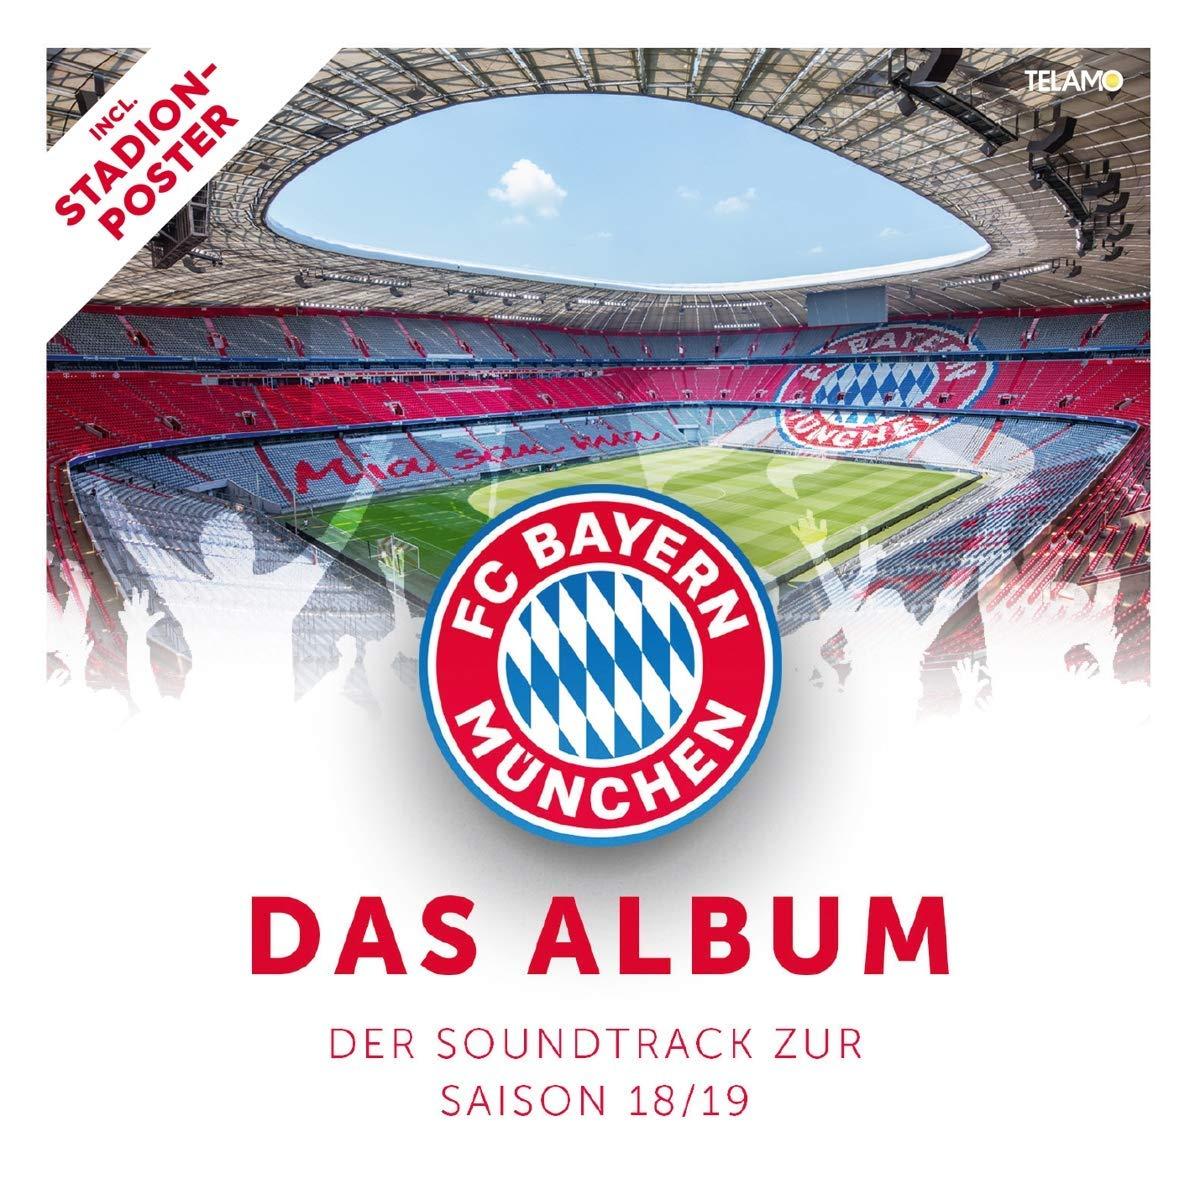 FC BAYERN MÜNCHEN - Das Album – Der Soundtrack zur Saison 18/19